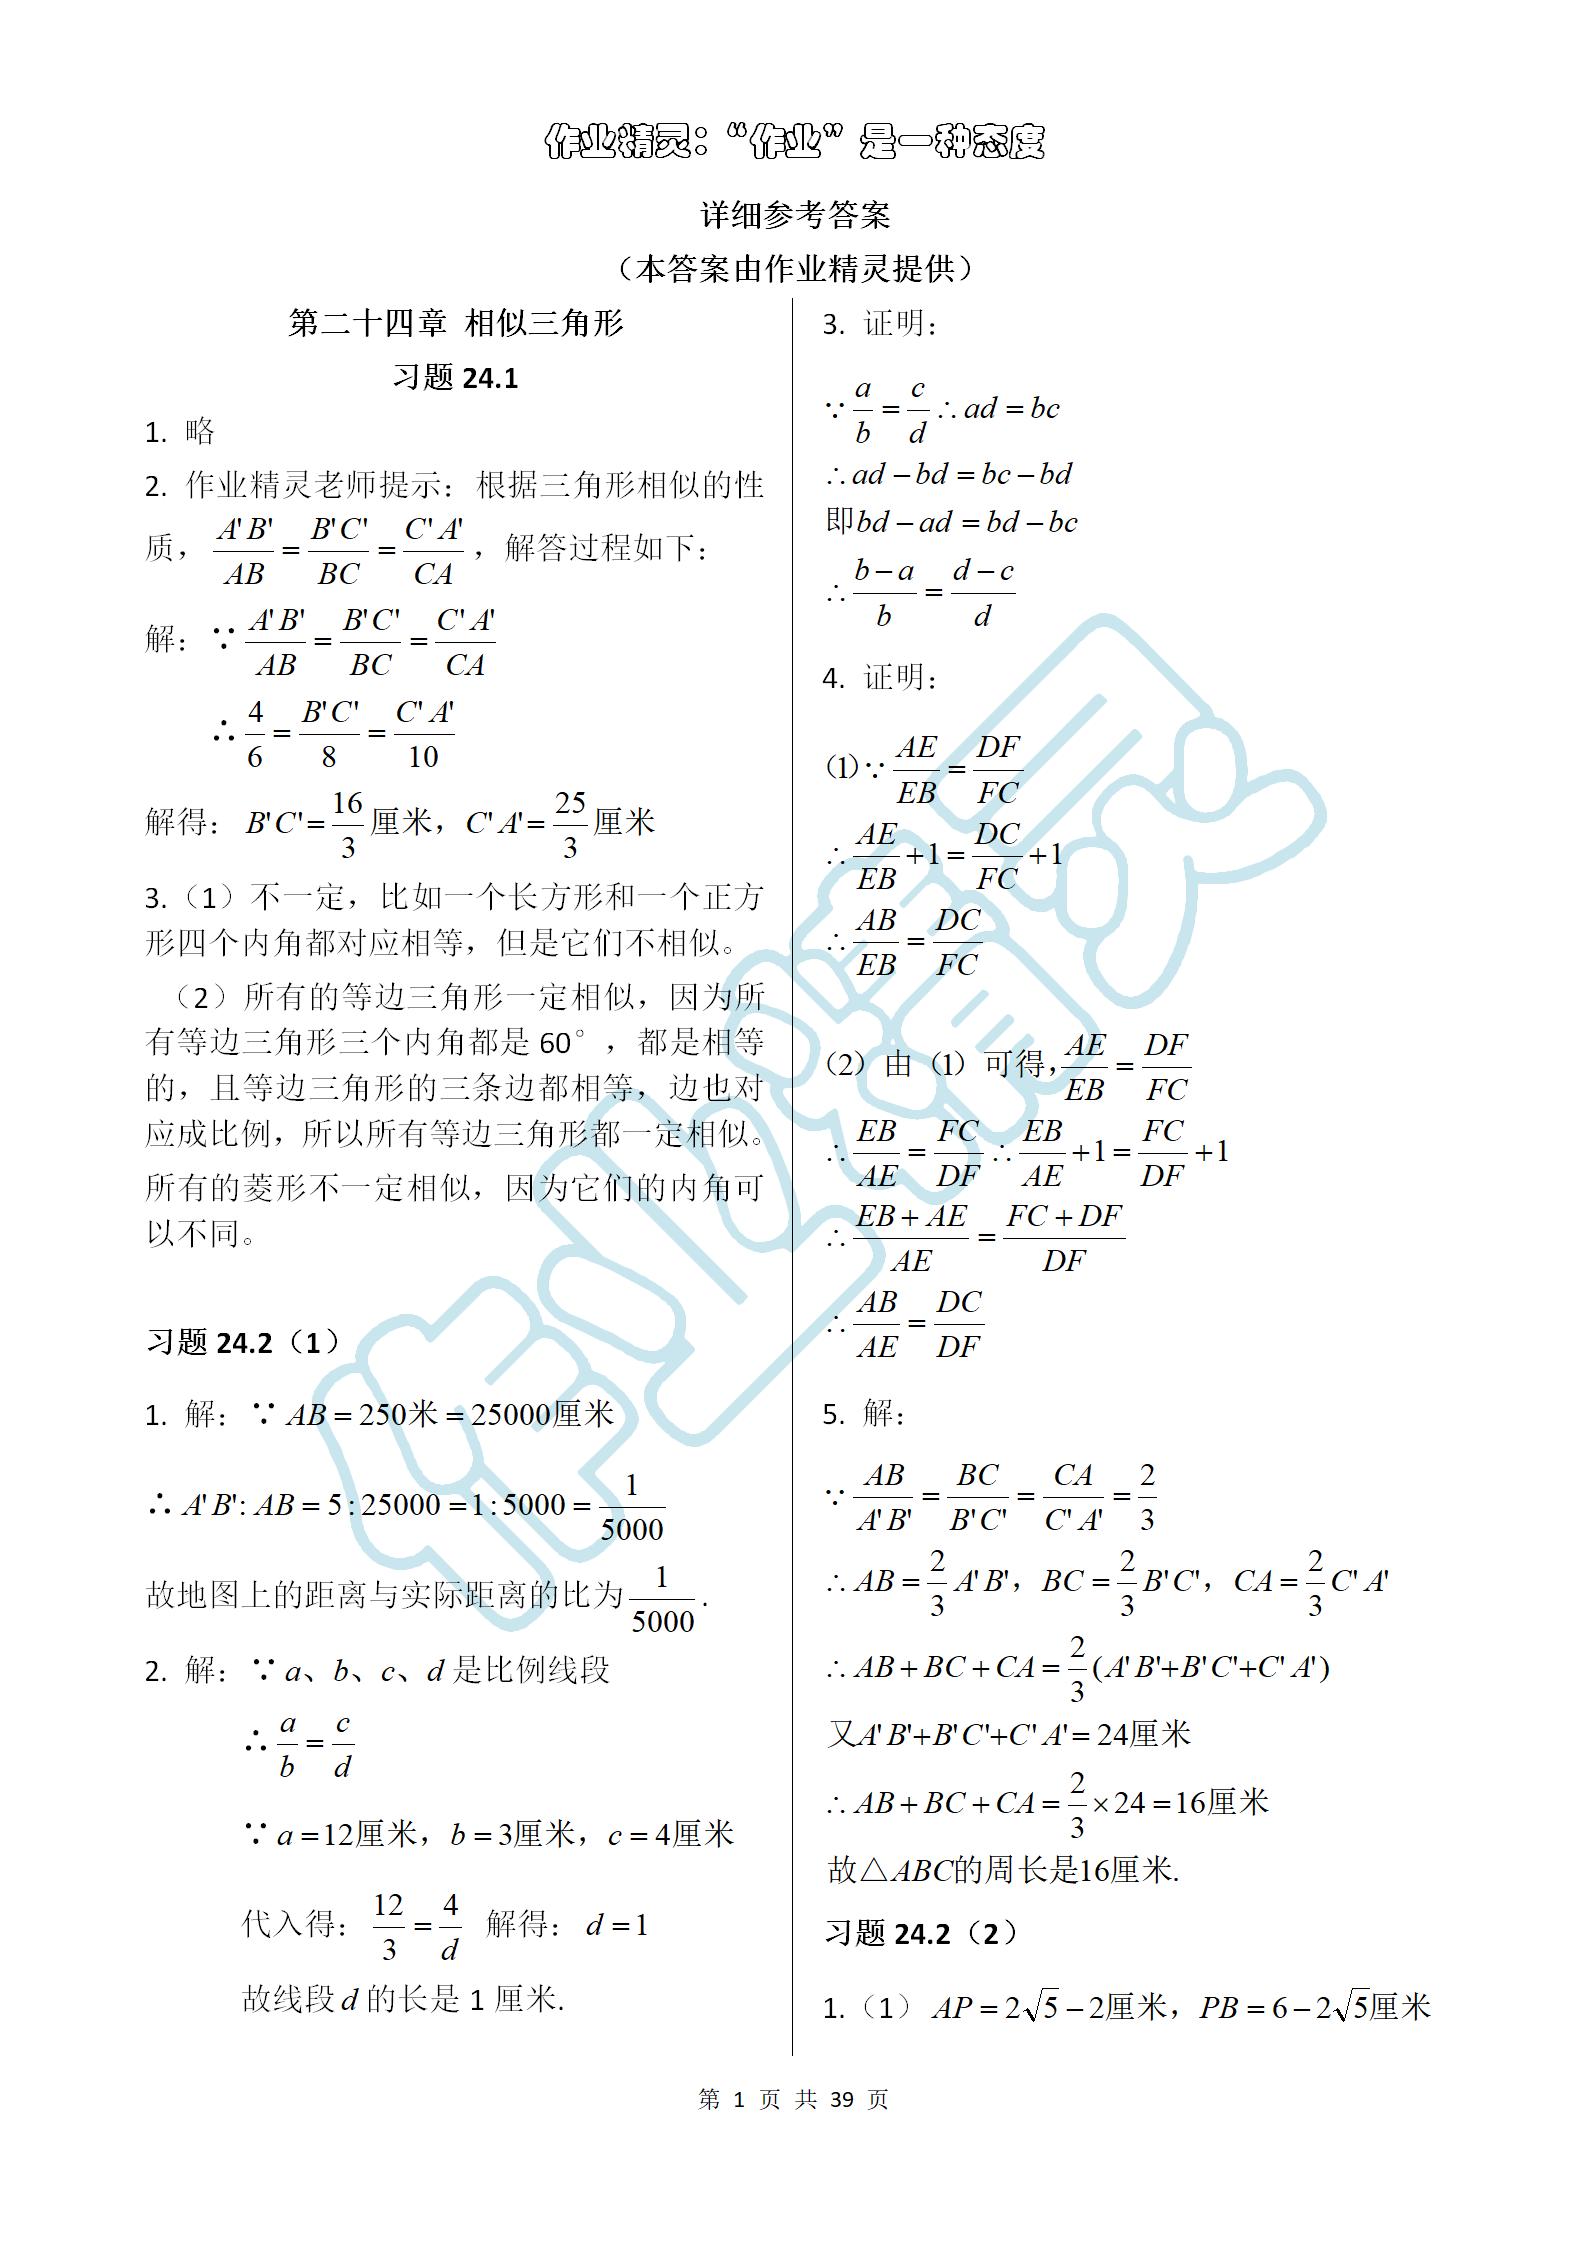 2019年数学练习部分九年级第一学期沪教版第1页